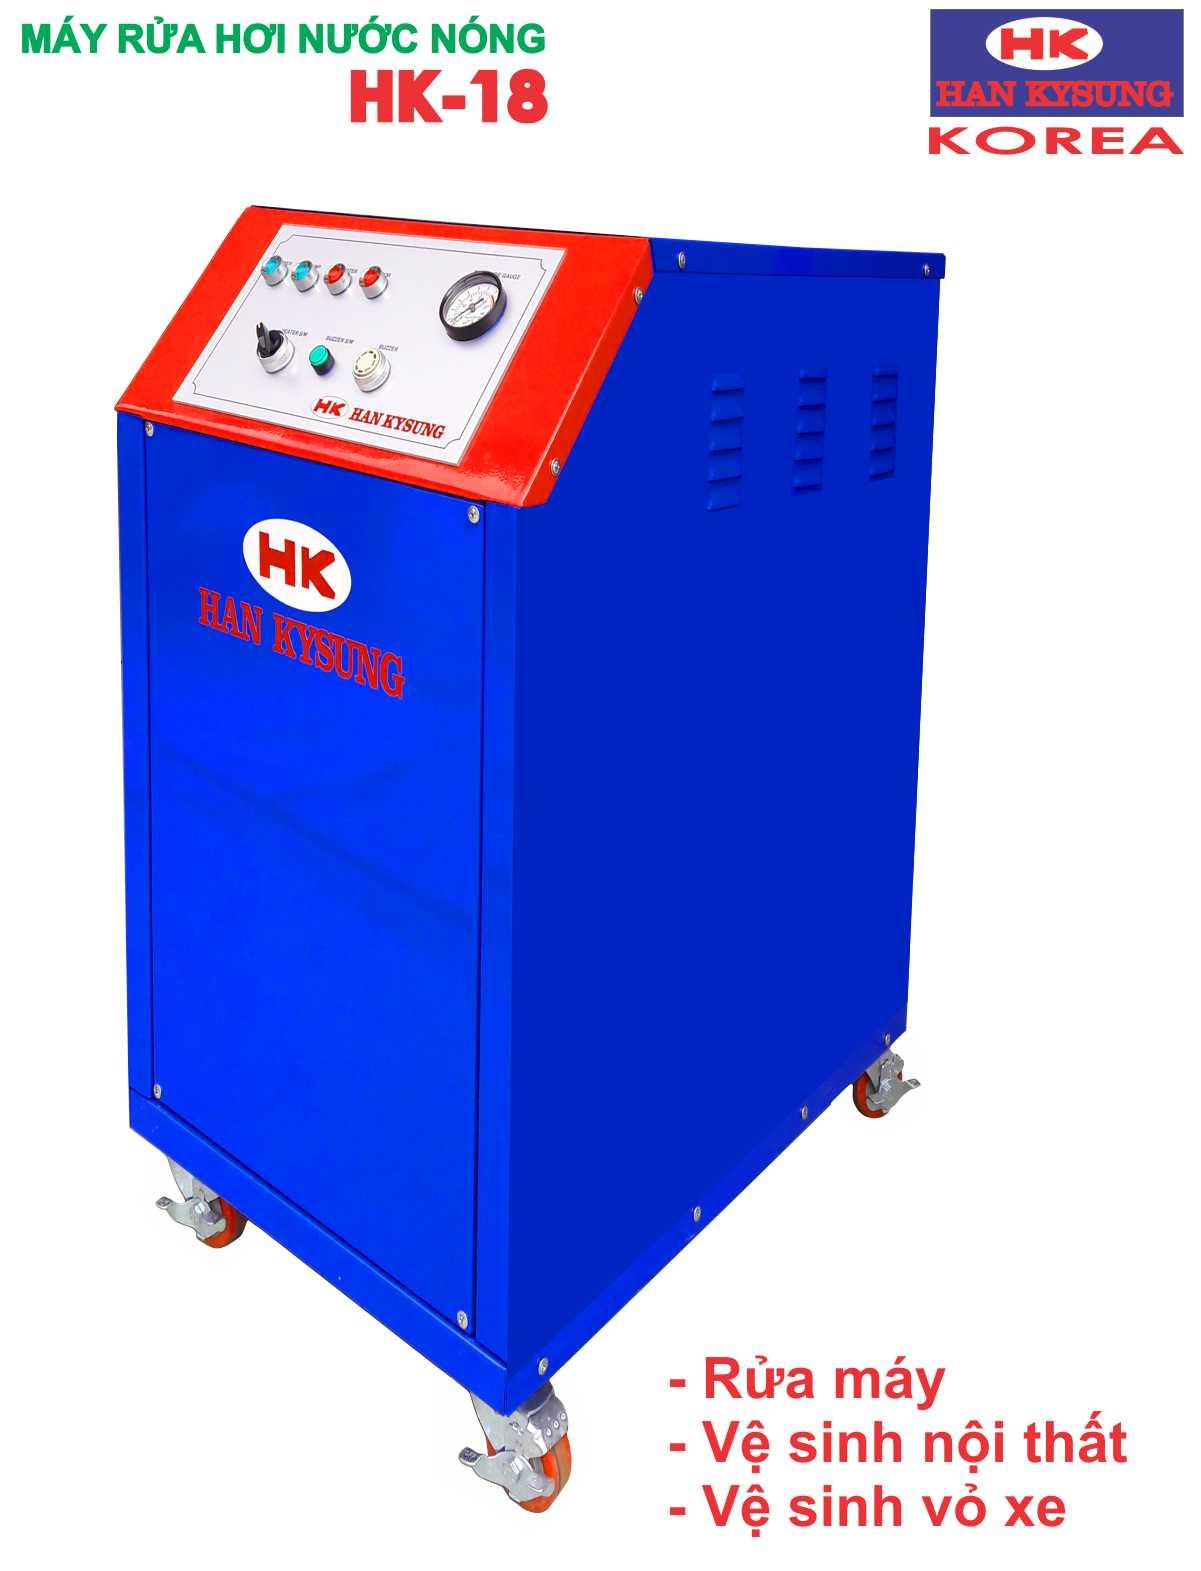 Máy rửa xe bằng hơi nước, Rửa xe hơi nước nóng